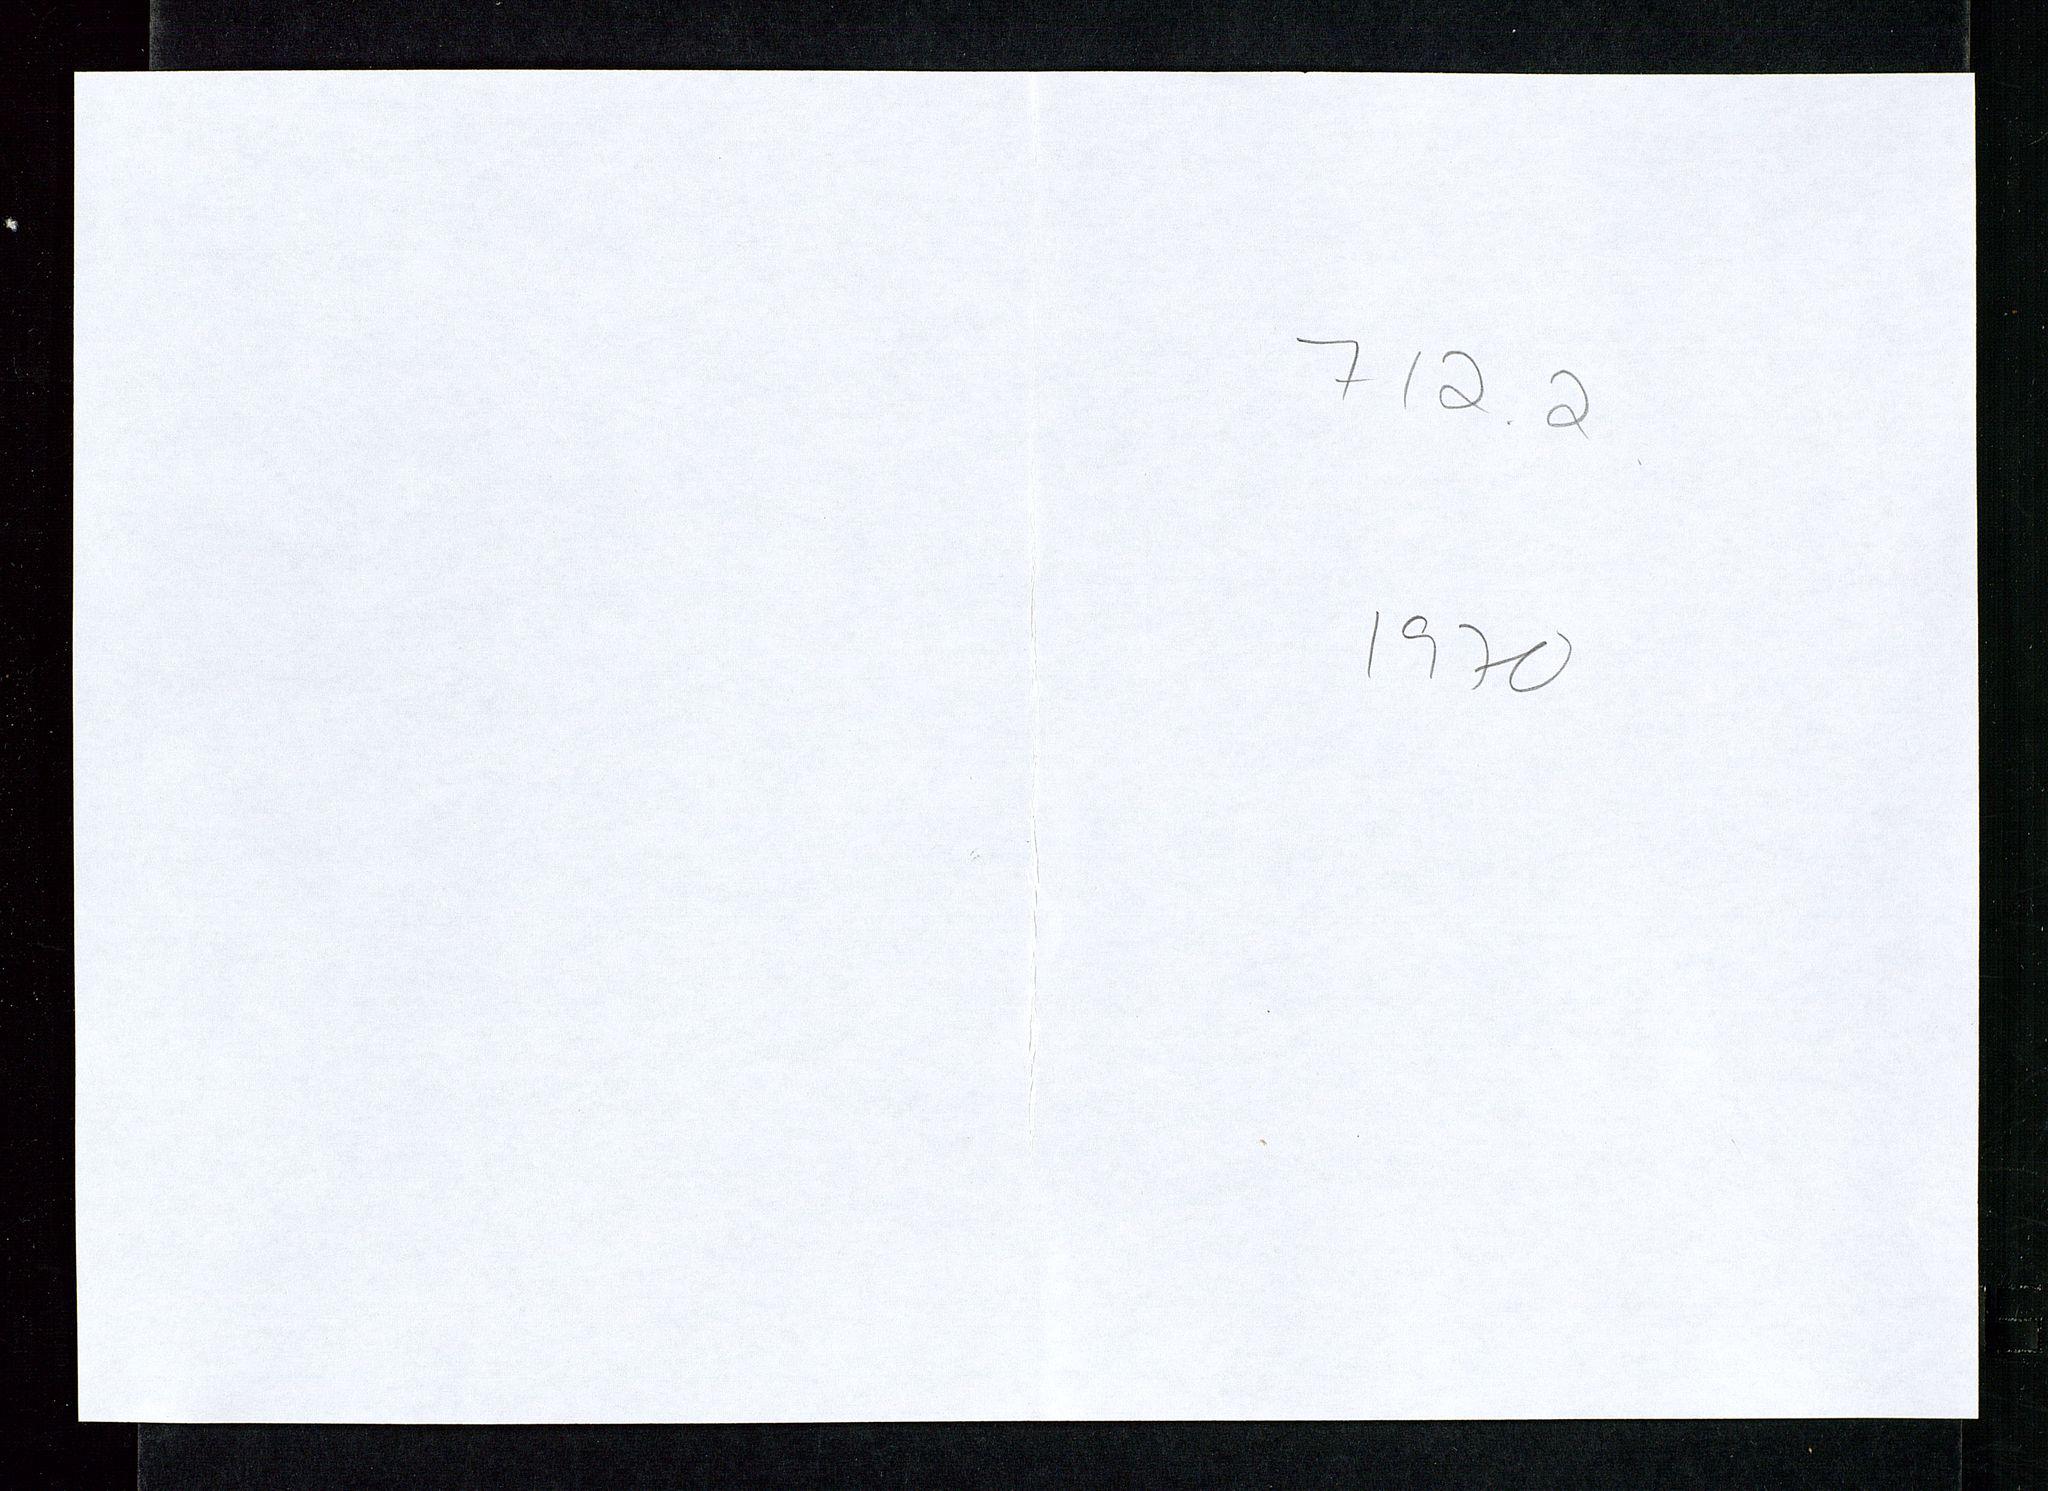 SAST, Industridepartementet, Oljekontoret, Da/L0004: Arkivnøkkel 711 - 712 Utvinningstillatelser, 1970-1971, s. 394